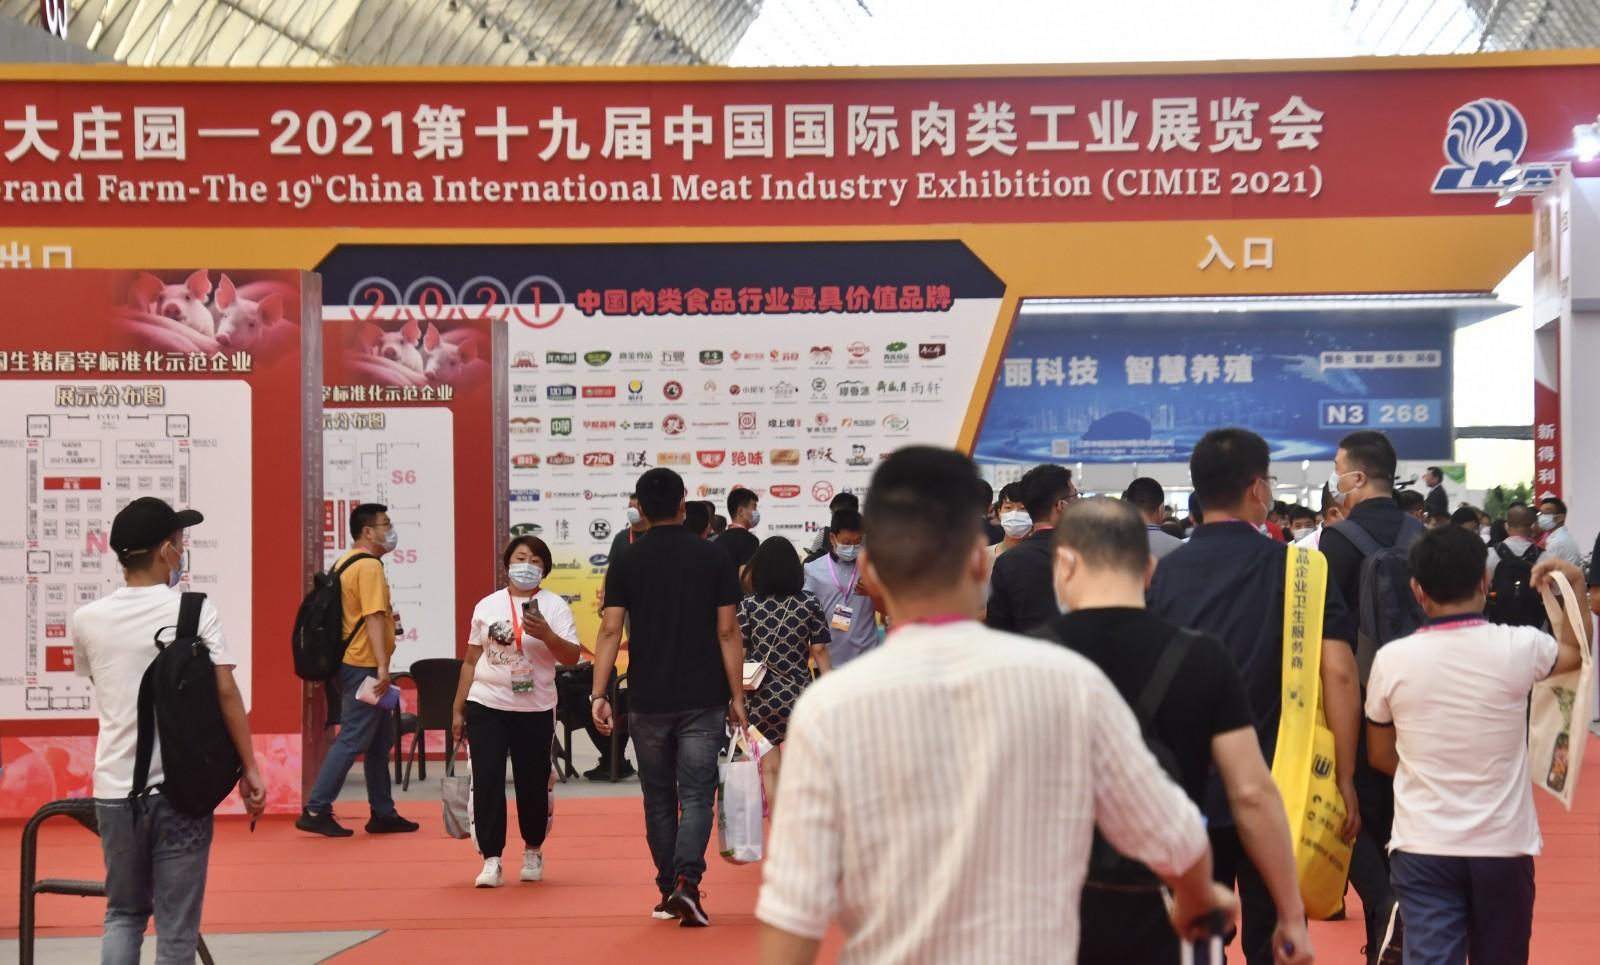 1.中国国际肉类工业展览会现场。.jpg